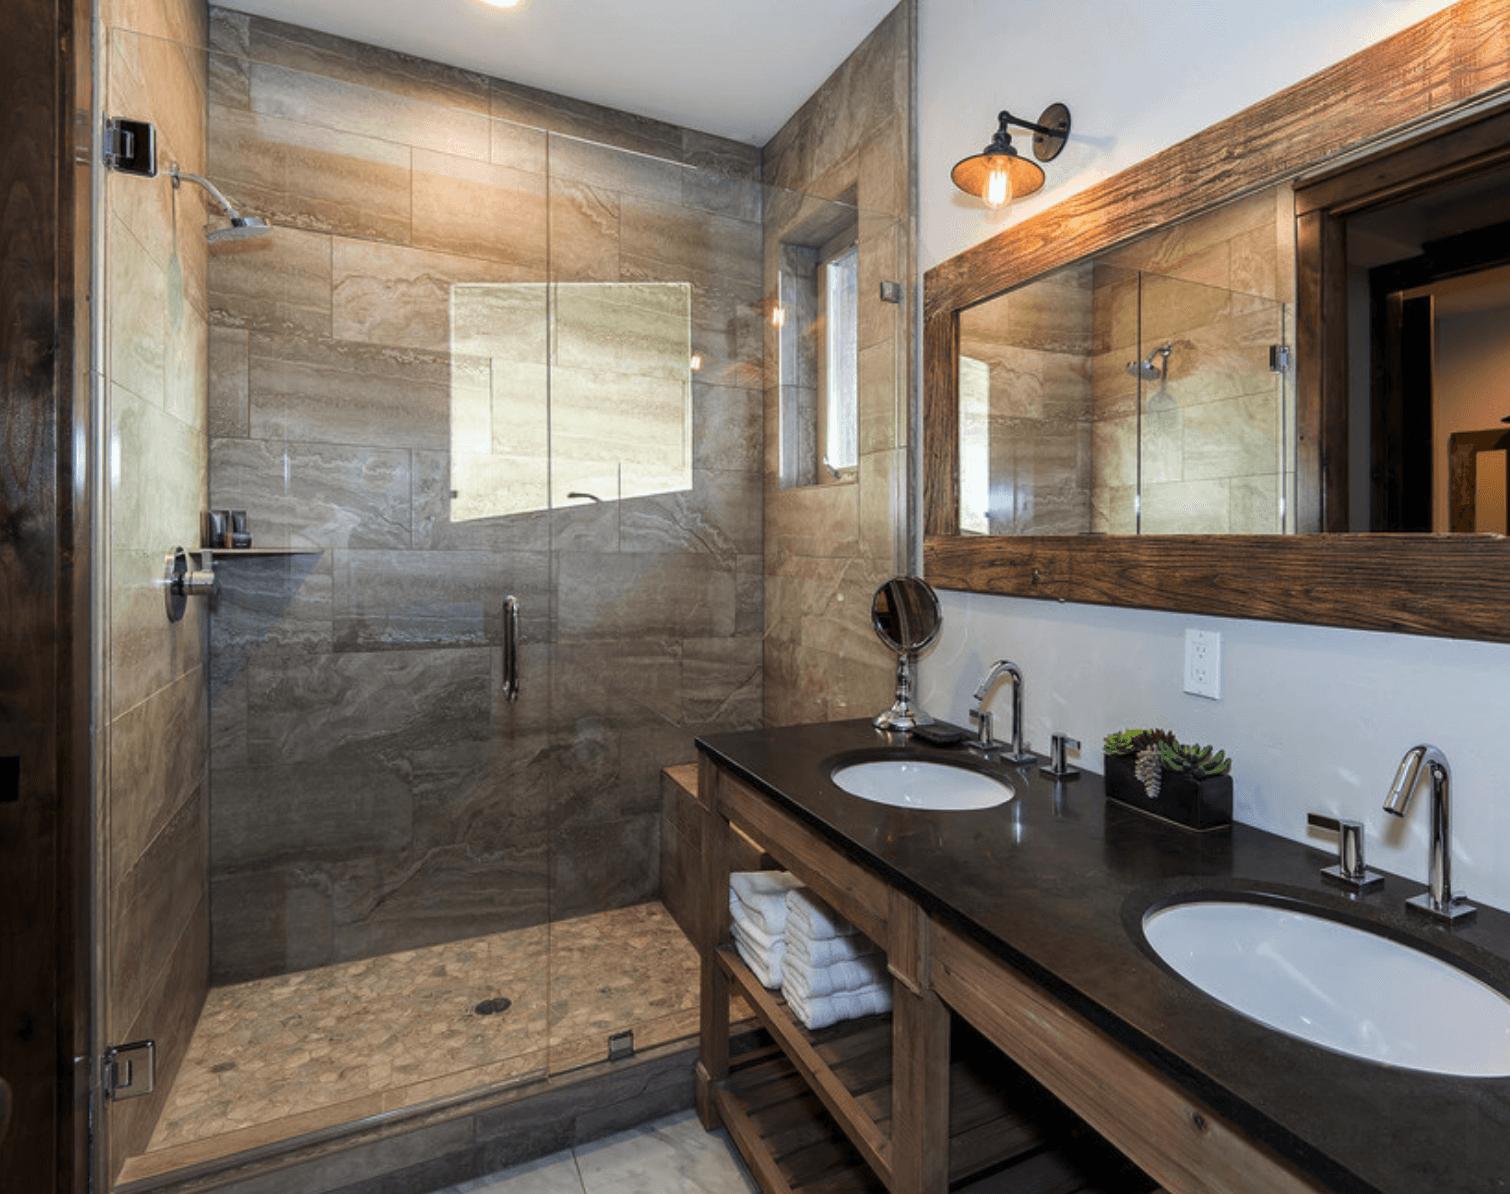 30 Modelos de Banheiros de Inspiração! Arquidicas #9E5D2D 1510 1194